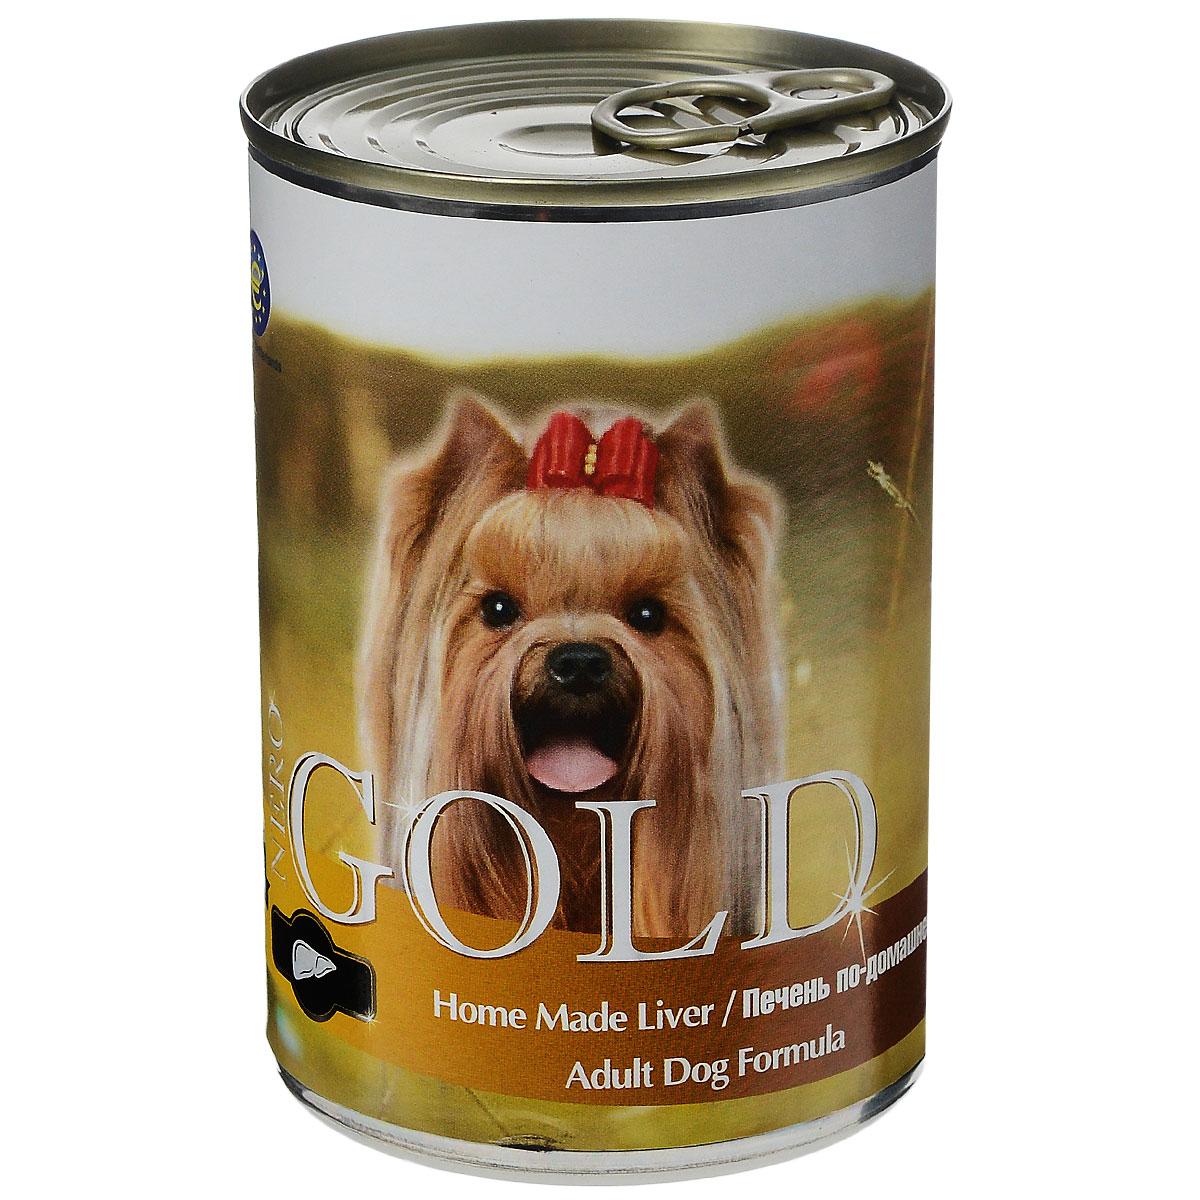 Консервы для собак Nero Gold, с печенью по-домашнему, 410 г10276Консервы для собак Nero Gold - полнорационный продукт, содержащий все необходимые витамины и минералы, сбалансированный для поддержания оптимального здоровья вашего питомца! Состав: мясо и его производные, филе курицы, печень, злаки, витамины и минералы. Гарантированный анализ: белки 6,5%, жиры 4,5%, клетчатка 0,5%, зола 2%, влага 81%.Пищевые добавки на 1 кг продукта: витамин А 1600 МЕ, витамин D 140 МЕ, витамин Е 10 МЕ, железо 24 мг, марганец 6 мг, цинк 15 мг, медь 1 мг, магний 200 мг, йод 0,3 мг, селен 0,2 мг. Вес: 410 г. Товар сертифицирован.